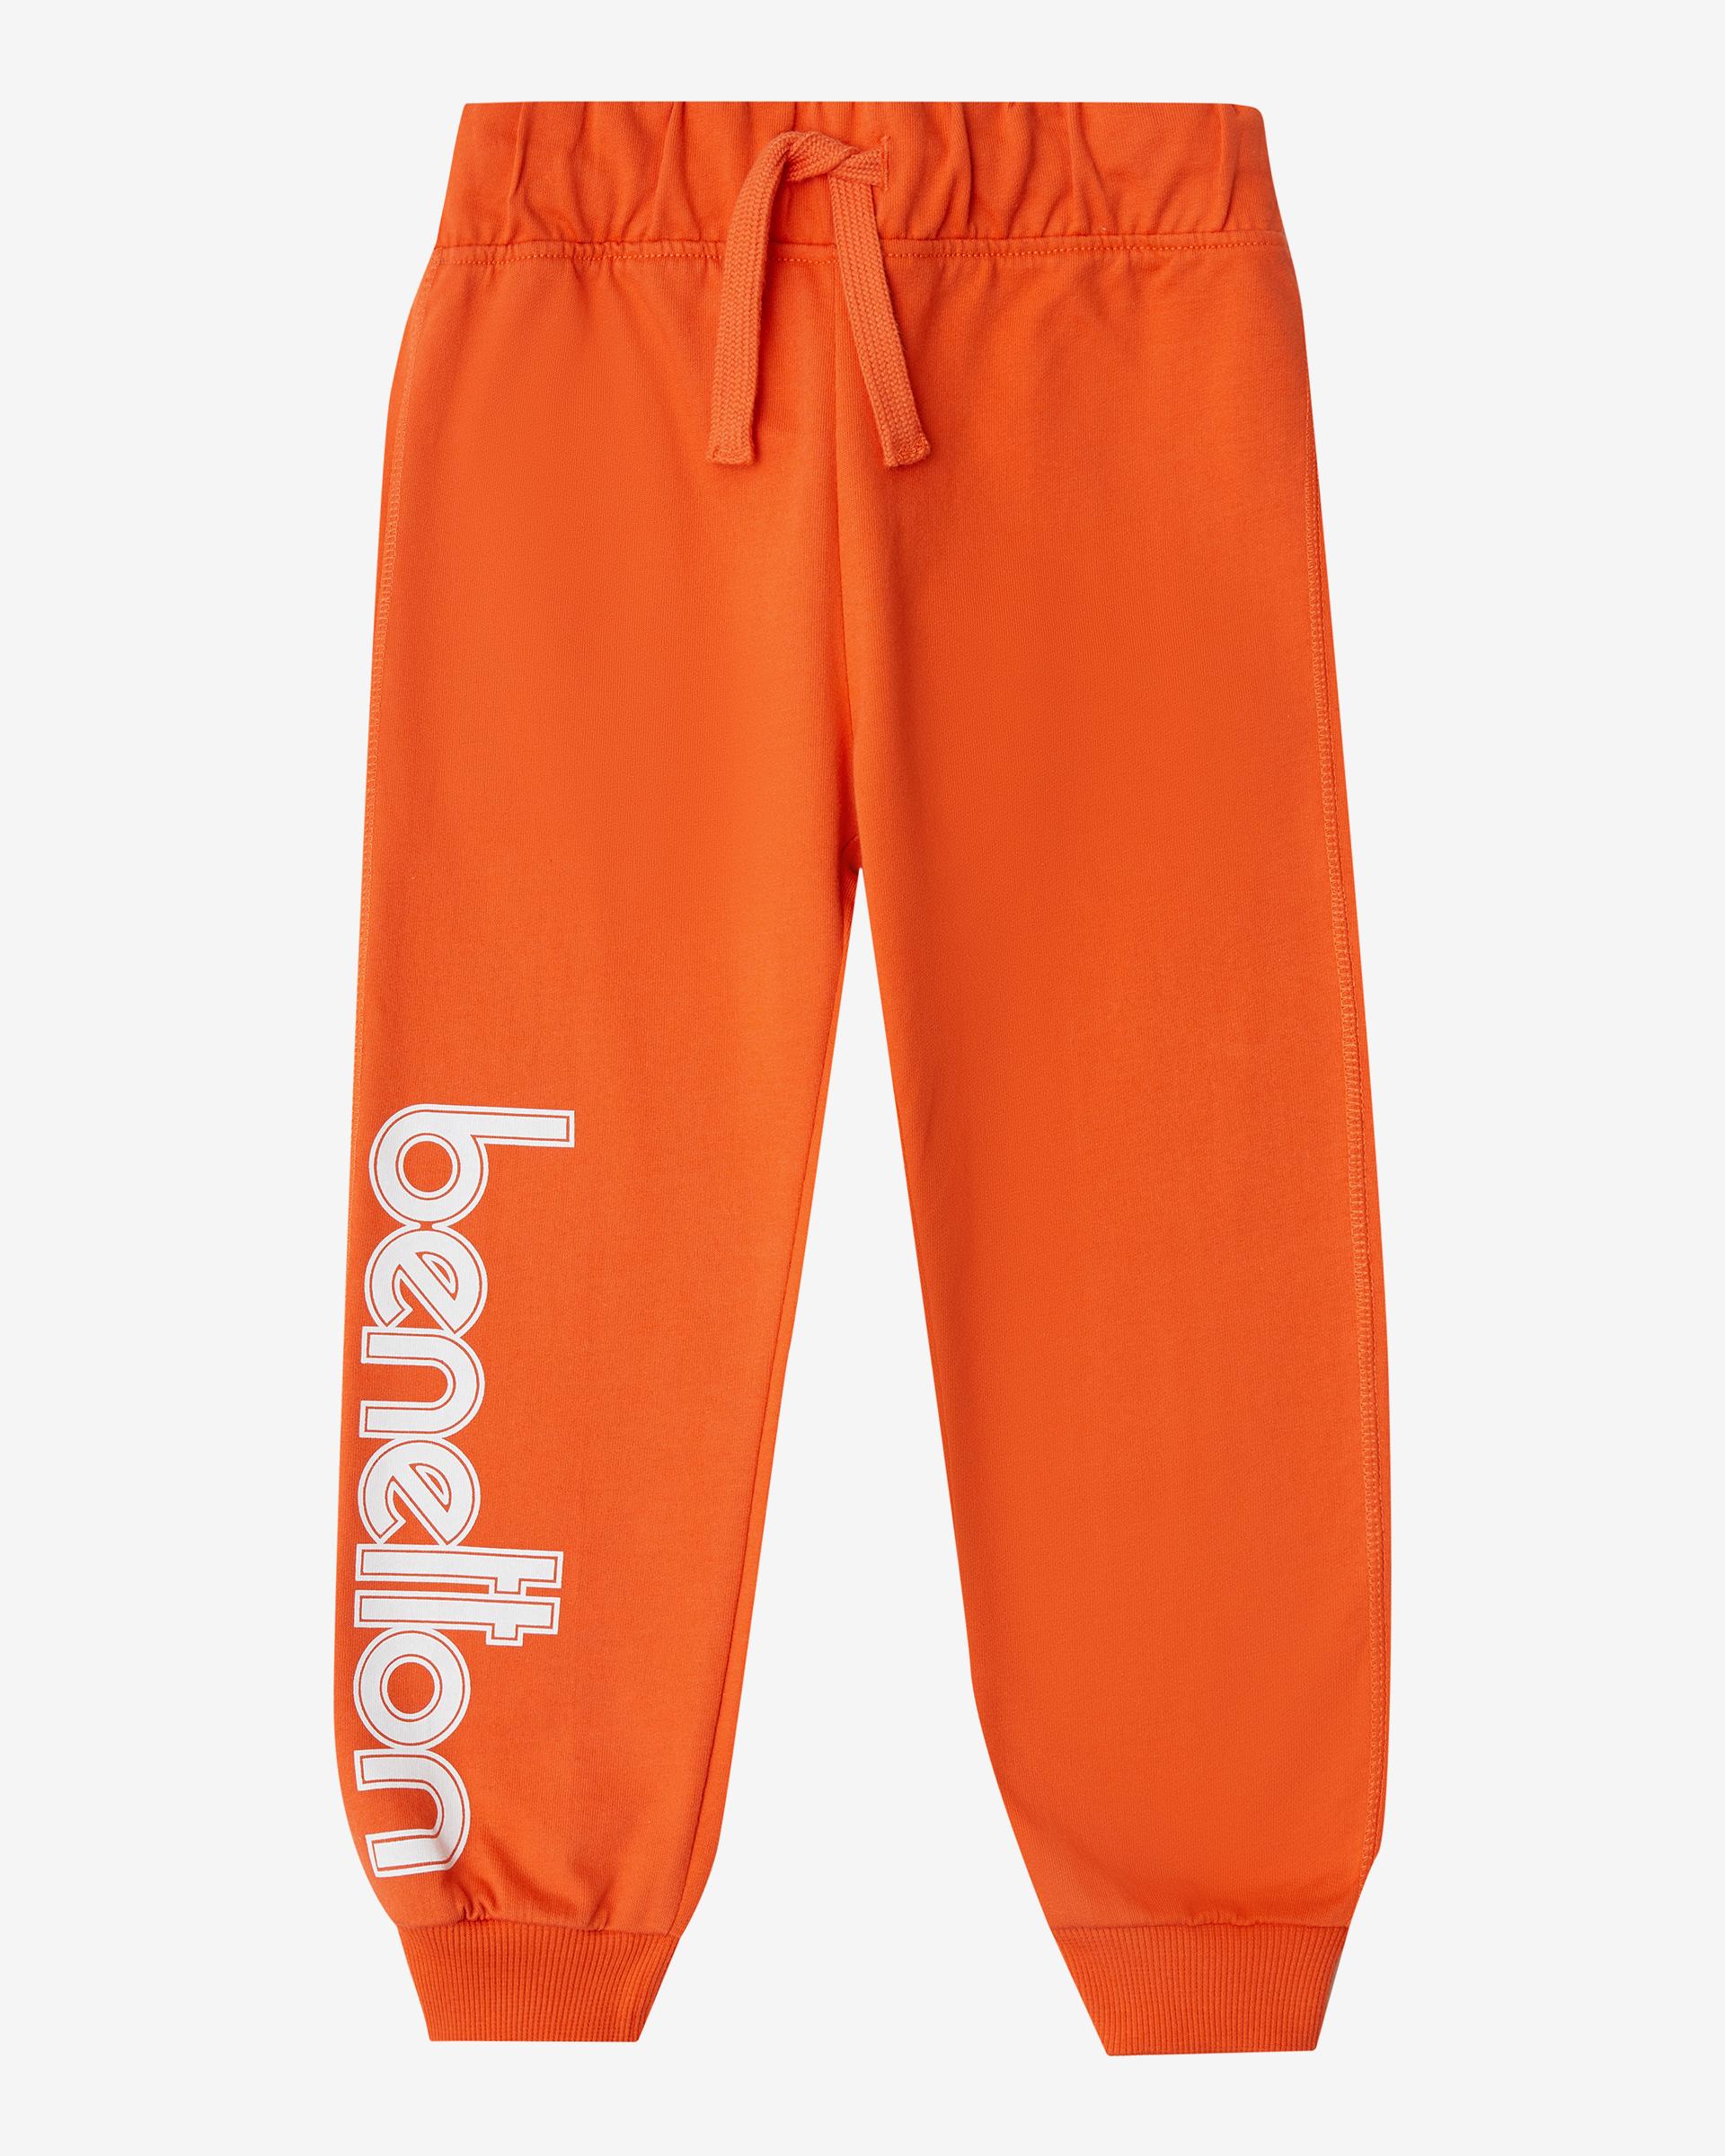 Купить 20P_3BC1I0986_309, Спортивные брюки для мальчиков Benetton 3BC1I0986_309 р-р 80, United Colors of Benetton, Шорты и брюки для новорожденных